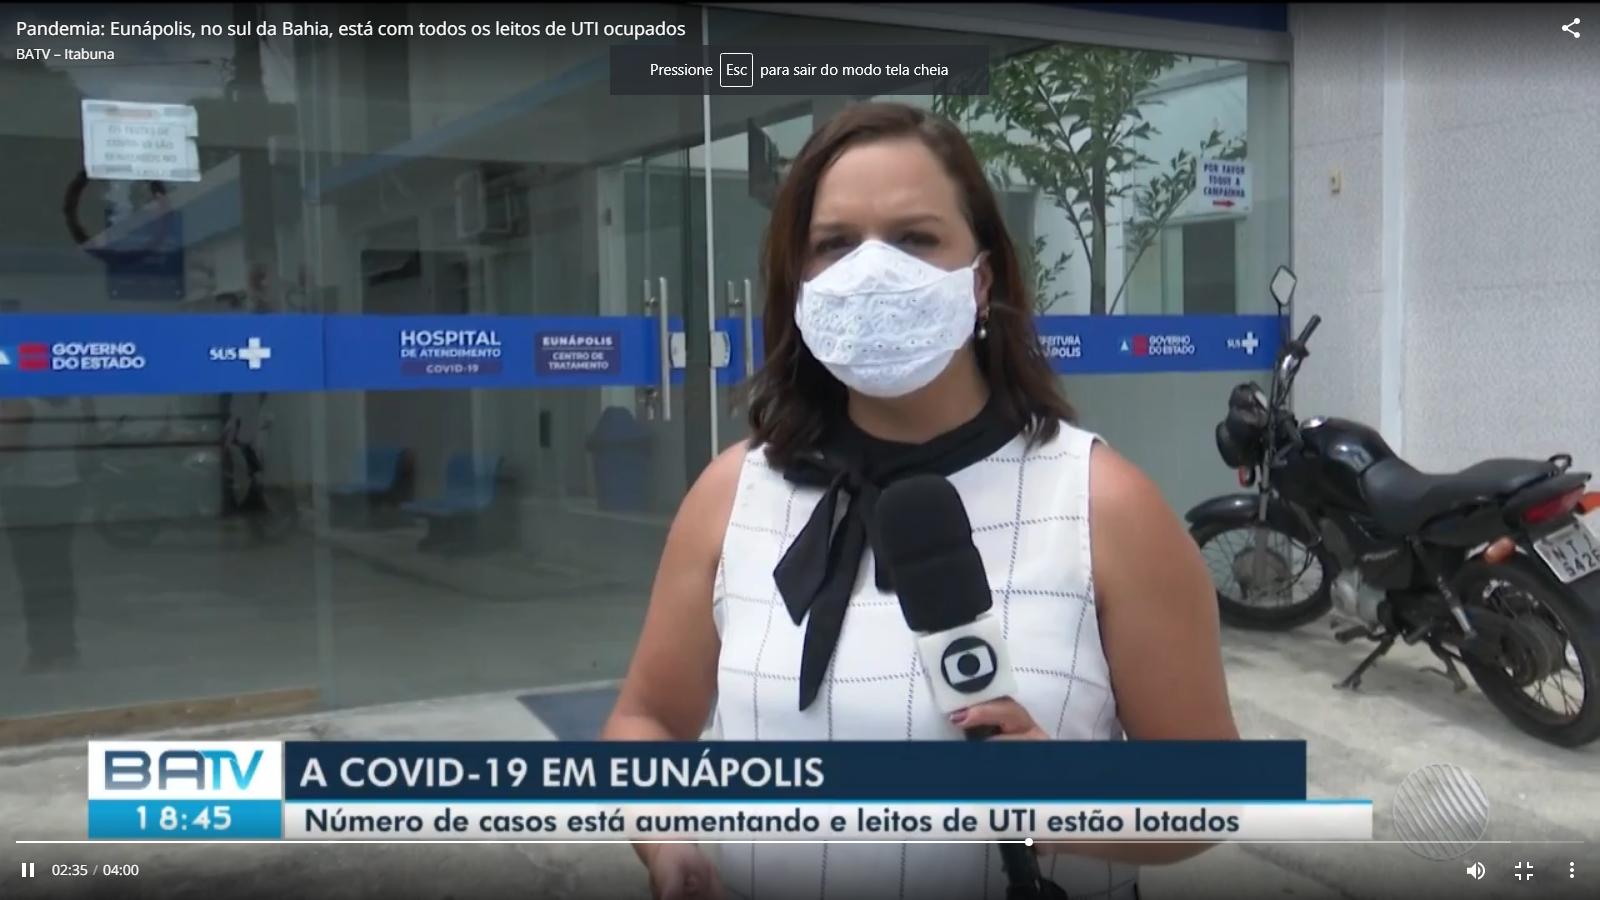 Eunápolis notifica mais de 600 casos suspeitos de pessoas com Covid-19; cidade segue com 100% dos leitos de UTI ocupados 21